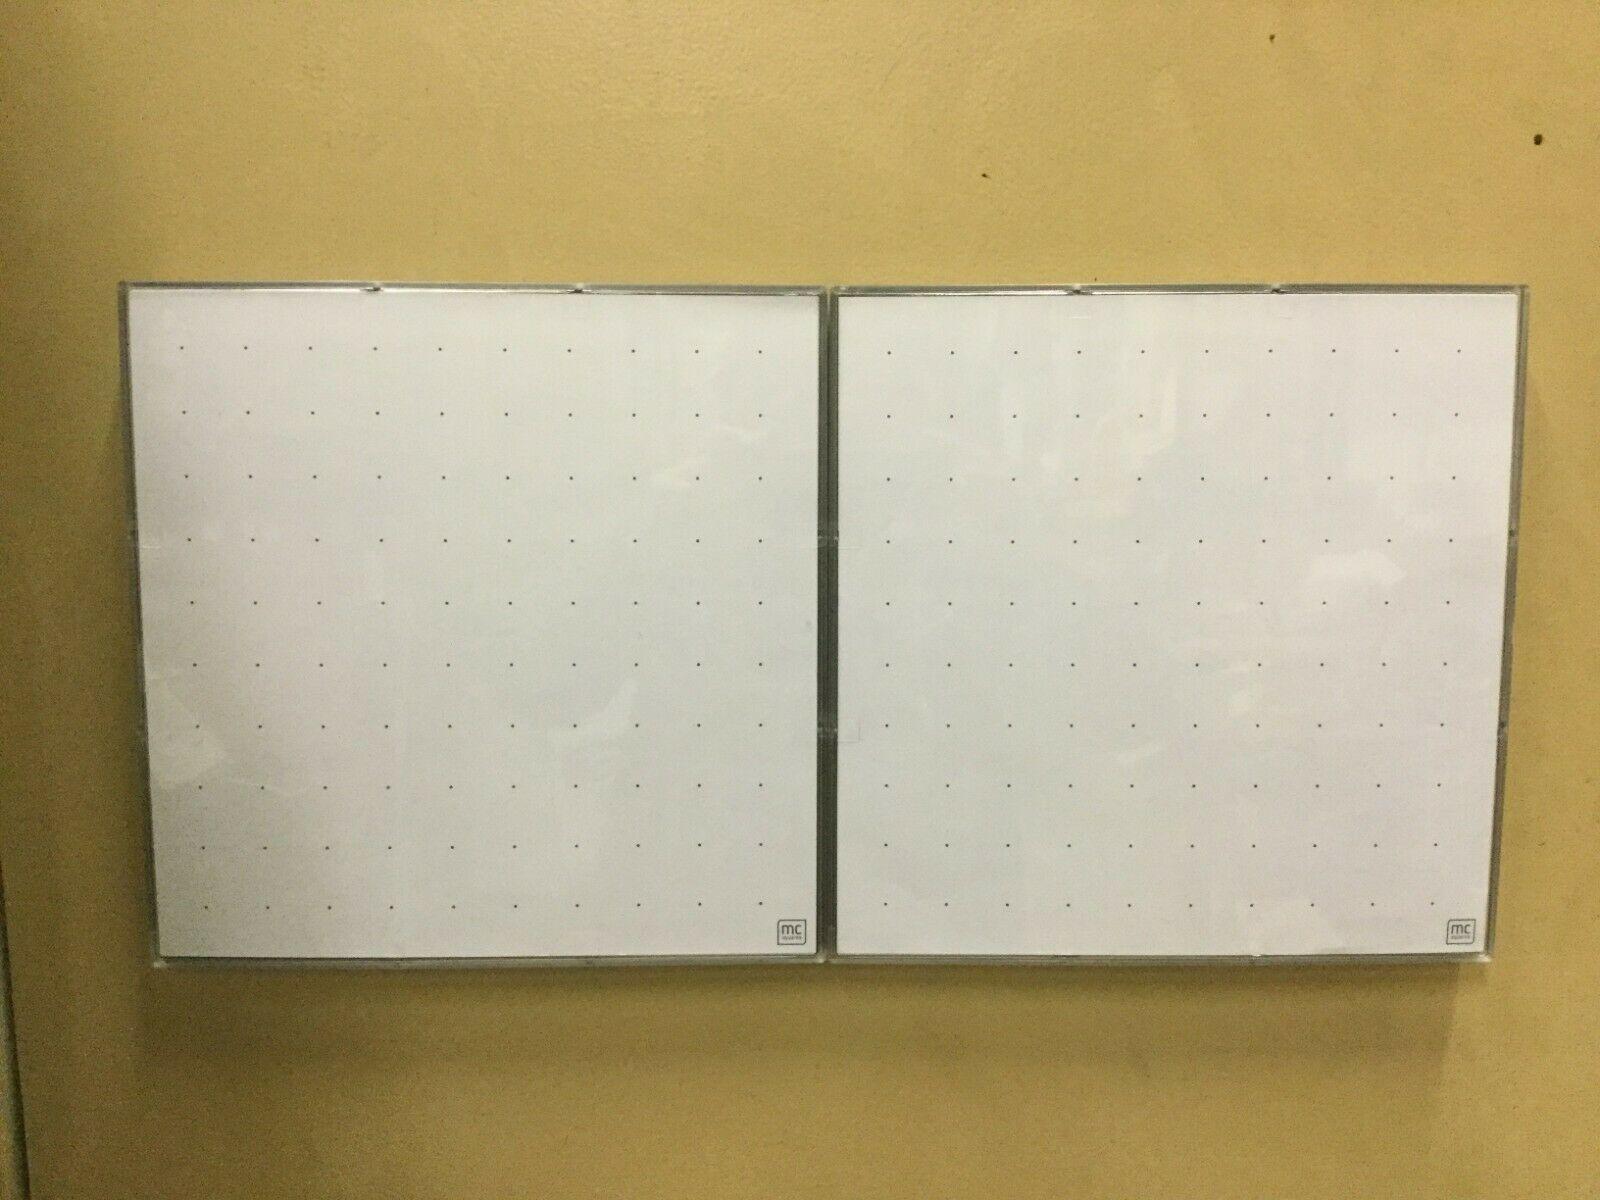 Pin On Whiteboard Eraser